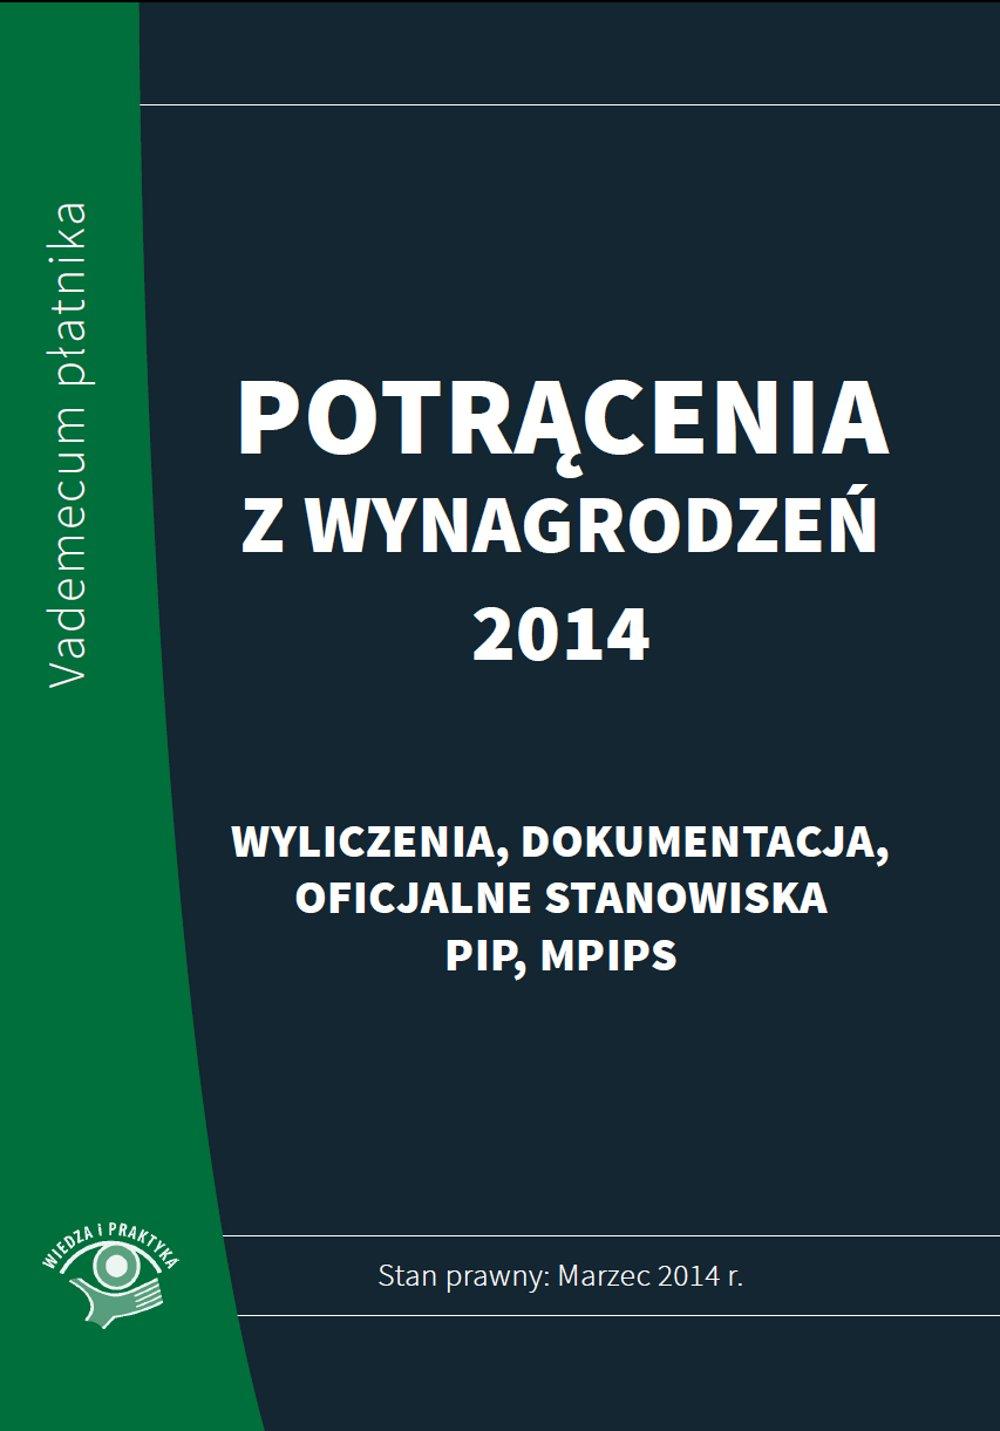 Potrącenia z wynagrodzeń 2014 - praktyczny komentarz - stan prawny: marzec 2014 - Ebook (Książka EPUB) do pobrania w formacie EPUB